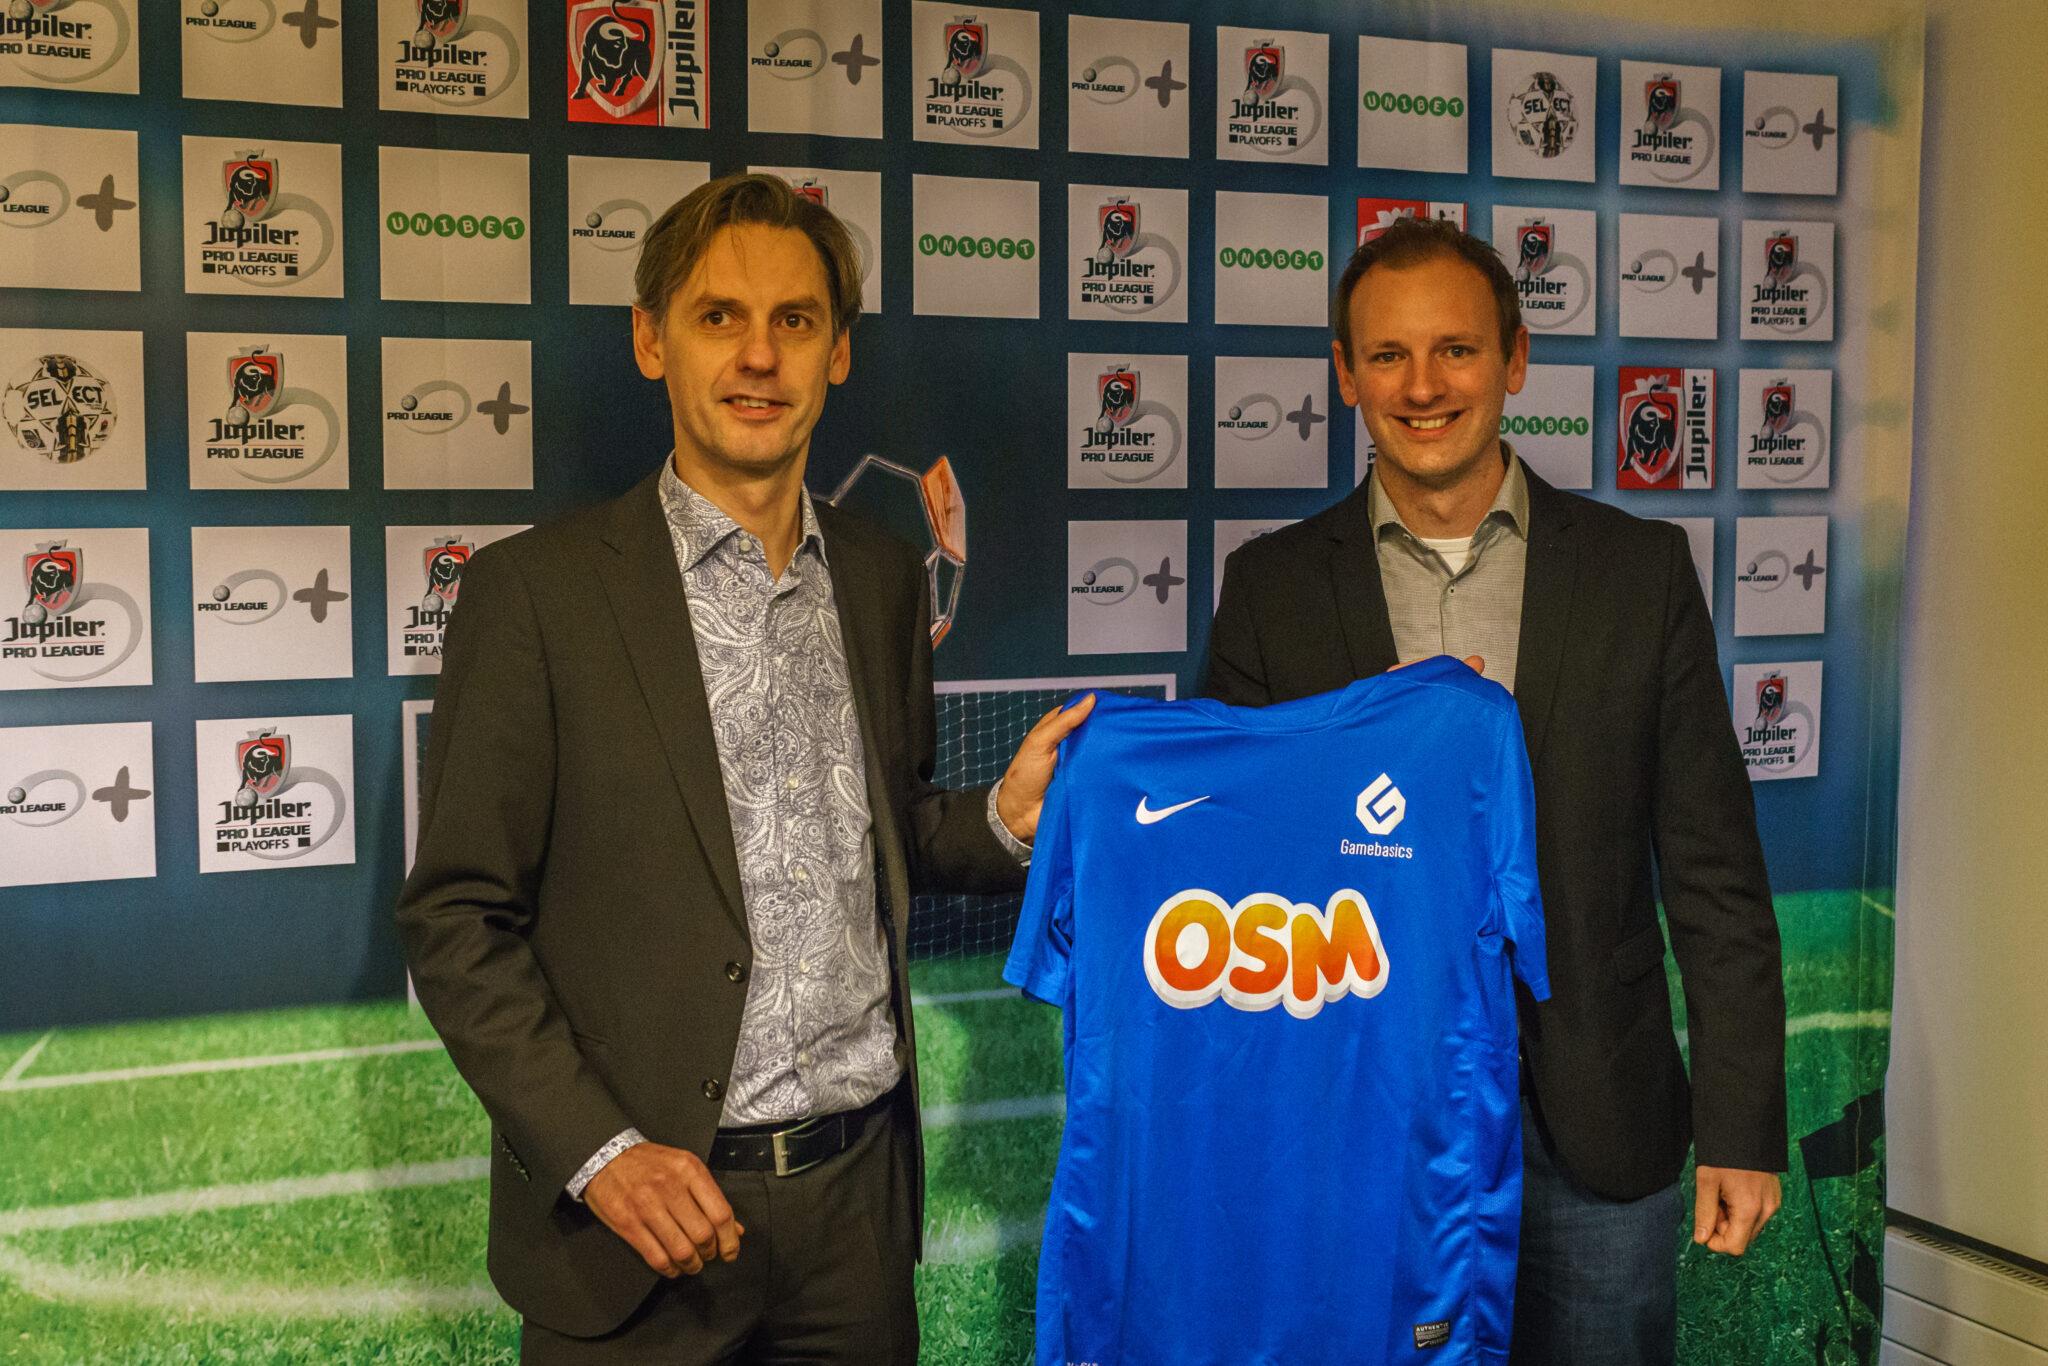 OSM verwerft rechten Jupiler Pro League